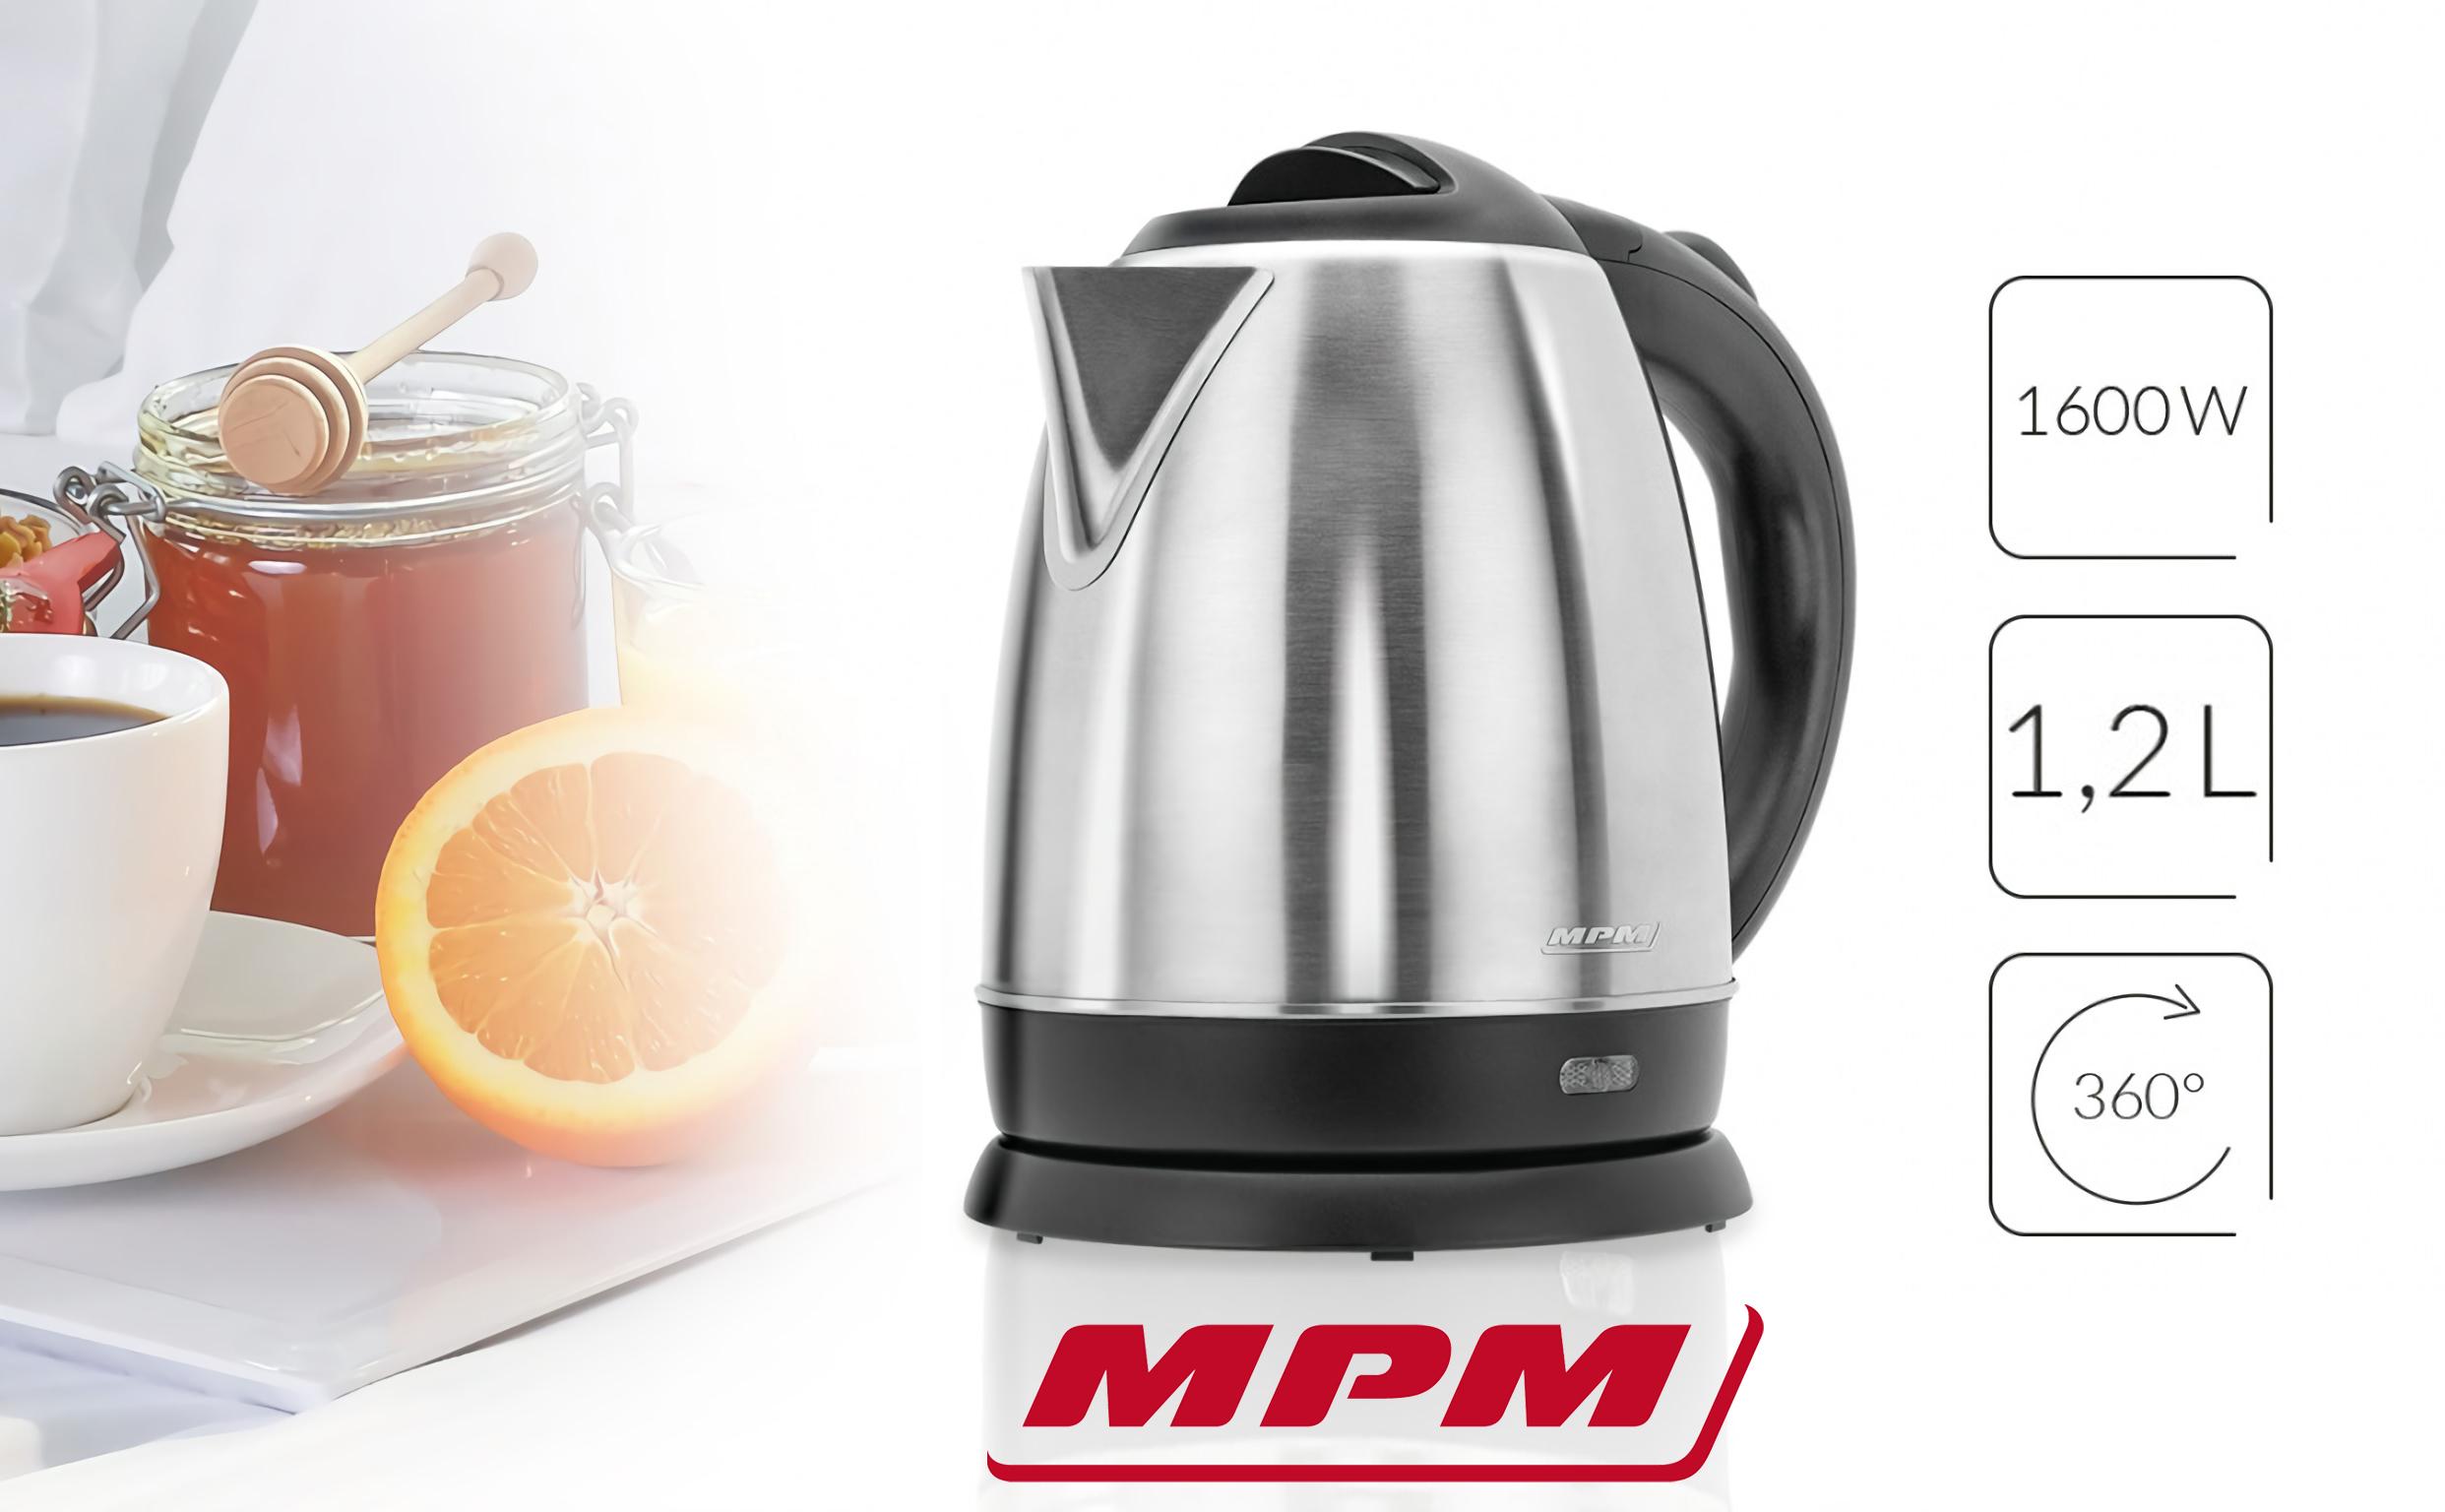 MPM MCZ-75M Hervidor de agua Eléctrico de Acero Inoxidable, Seguridad Multietapa, Resistencia Oculta, Base Inalámbrica, 1.2 l, 1600W